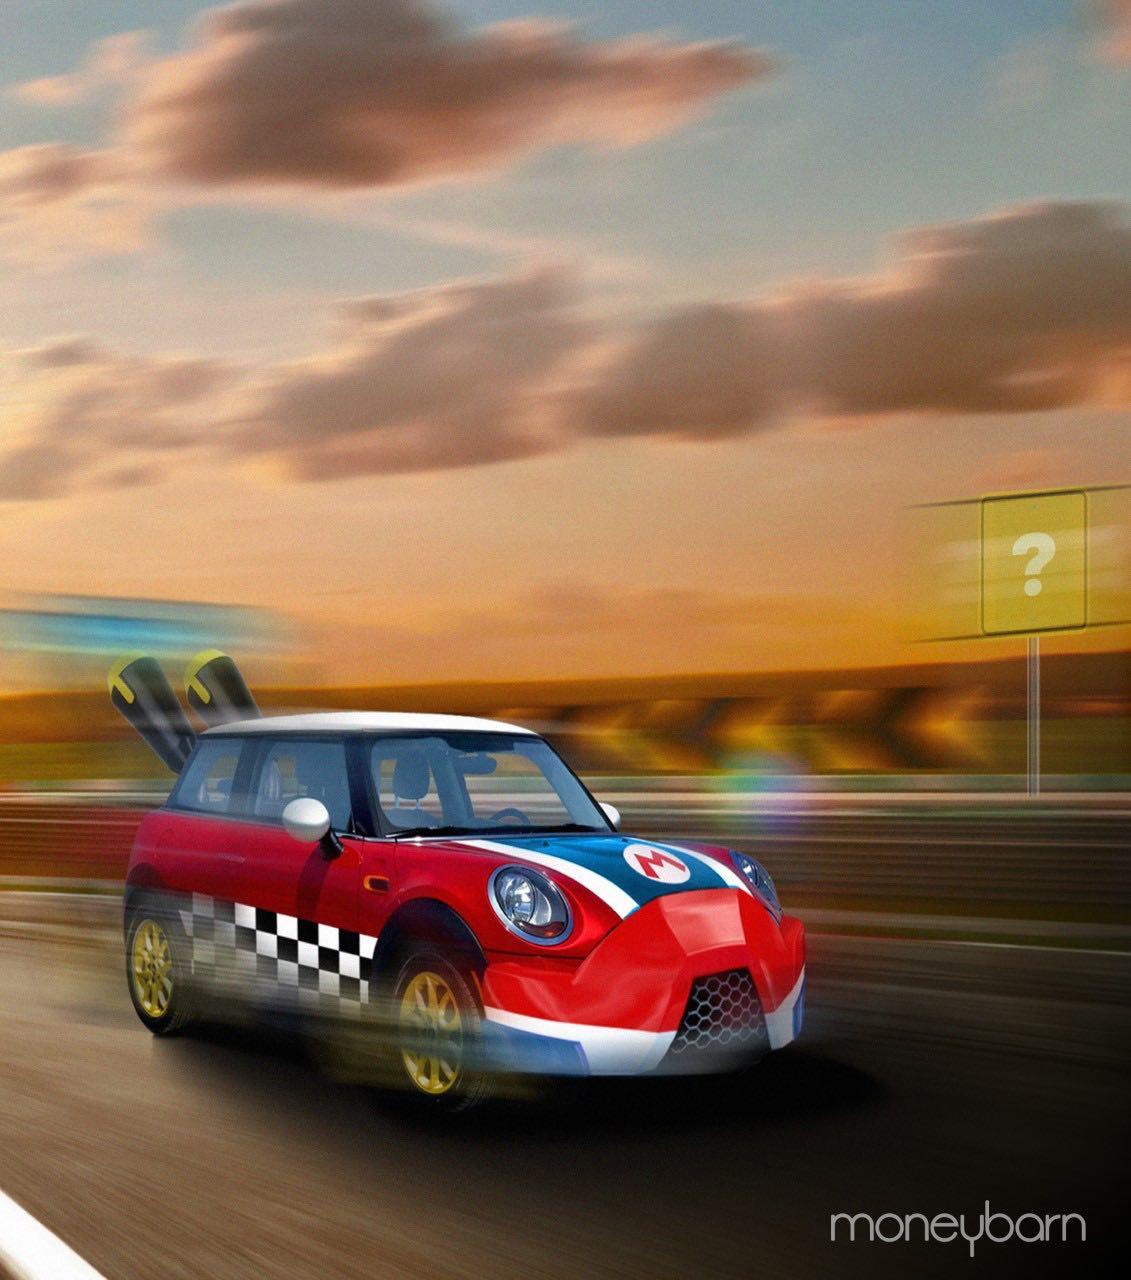 Mario-Kart-Car-Mini-Cooper.jpg